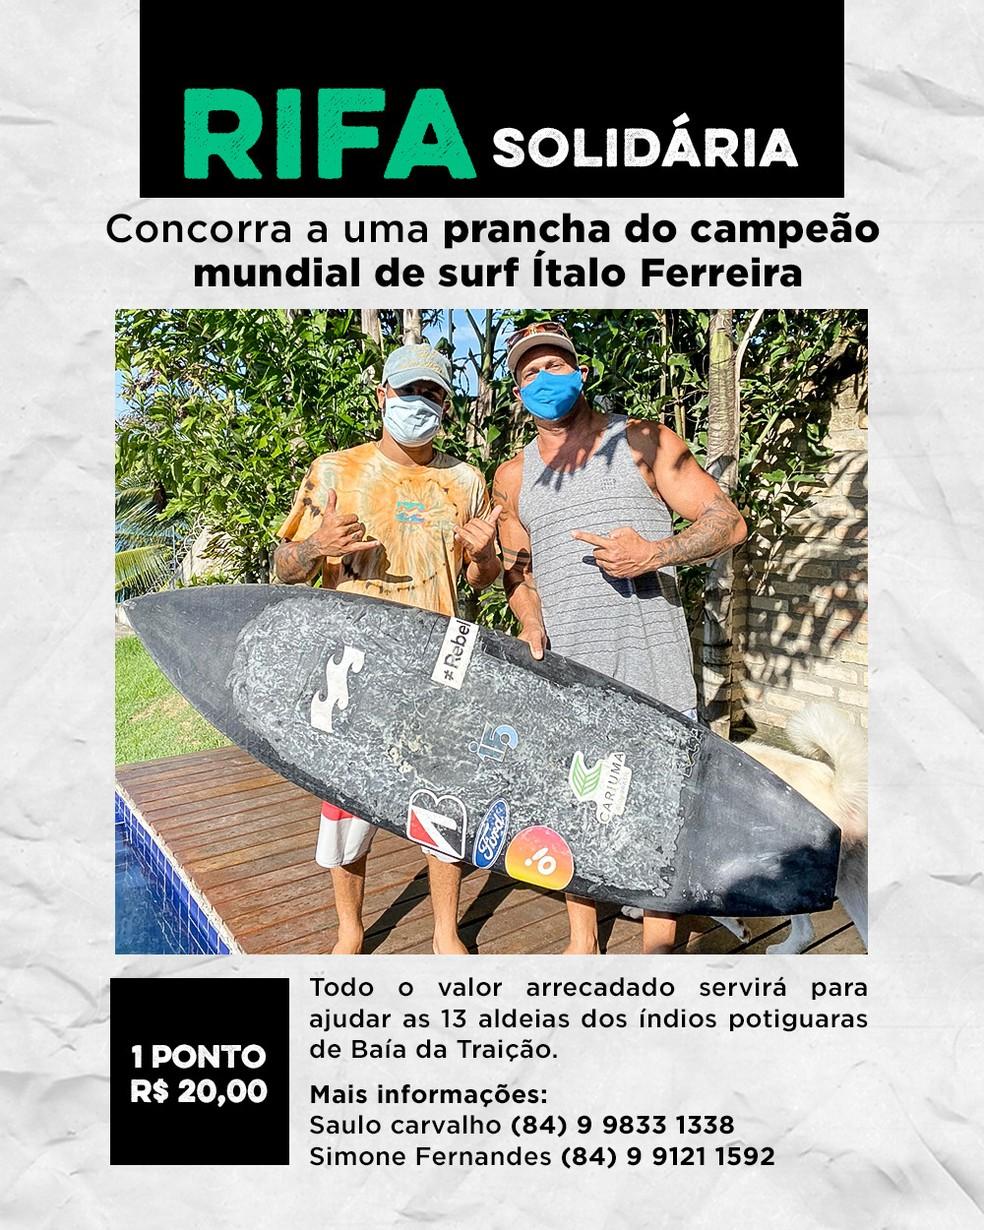 Rifa solidária na Paraíba está leiloando uma prancha utilizada pelo campeão mundial de surfe Ítalo Ferreira — Foto: Divulgação / Saulo Carvalho